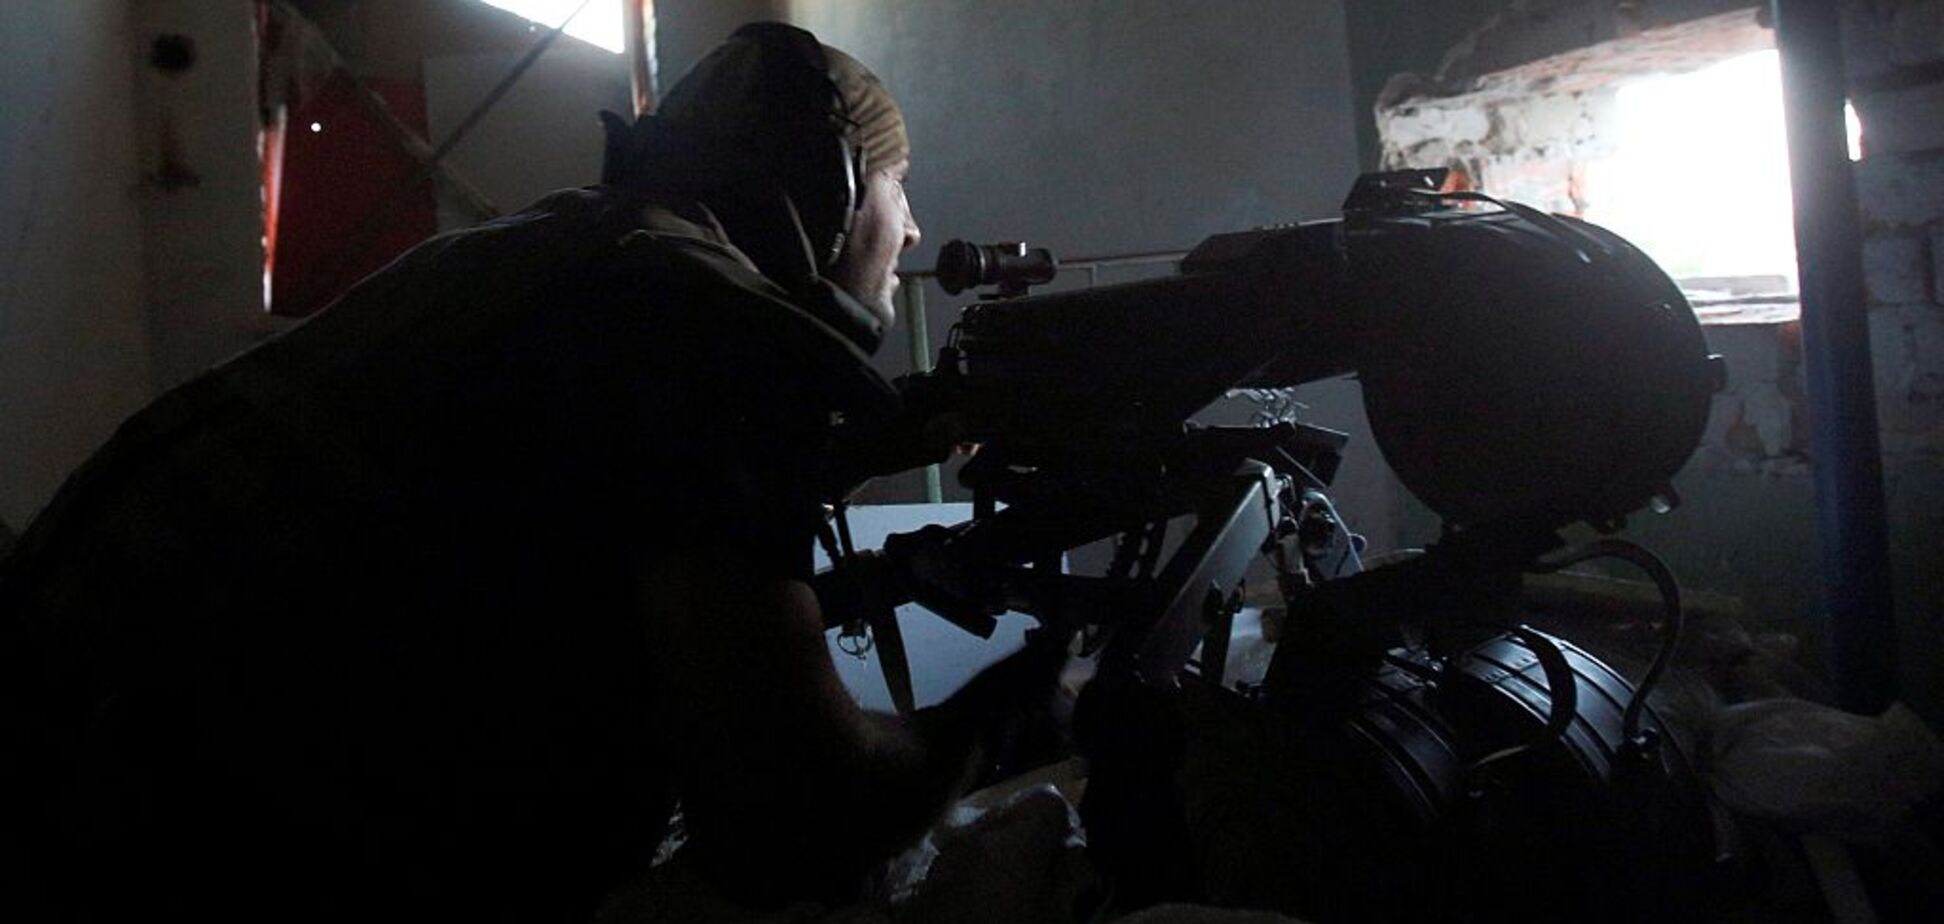 'Епіцентр вогневого протистояння': названа нова гаряча точка на Донбасі